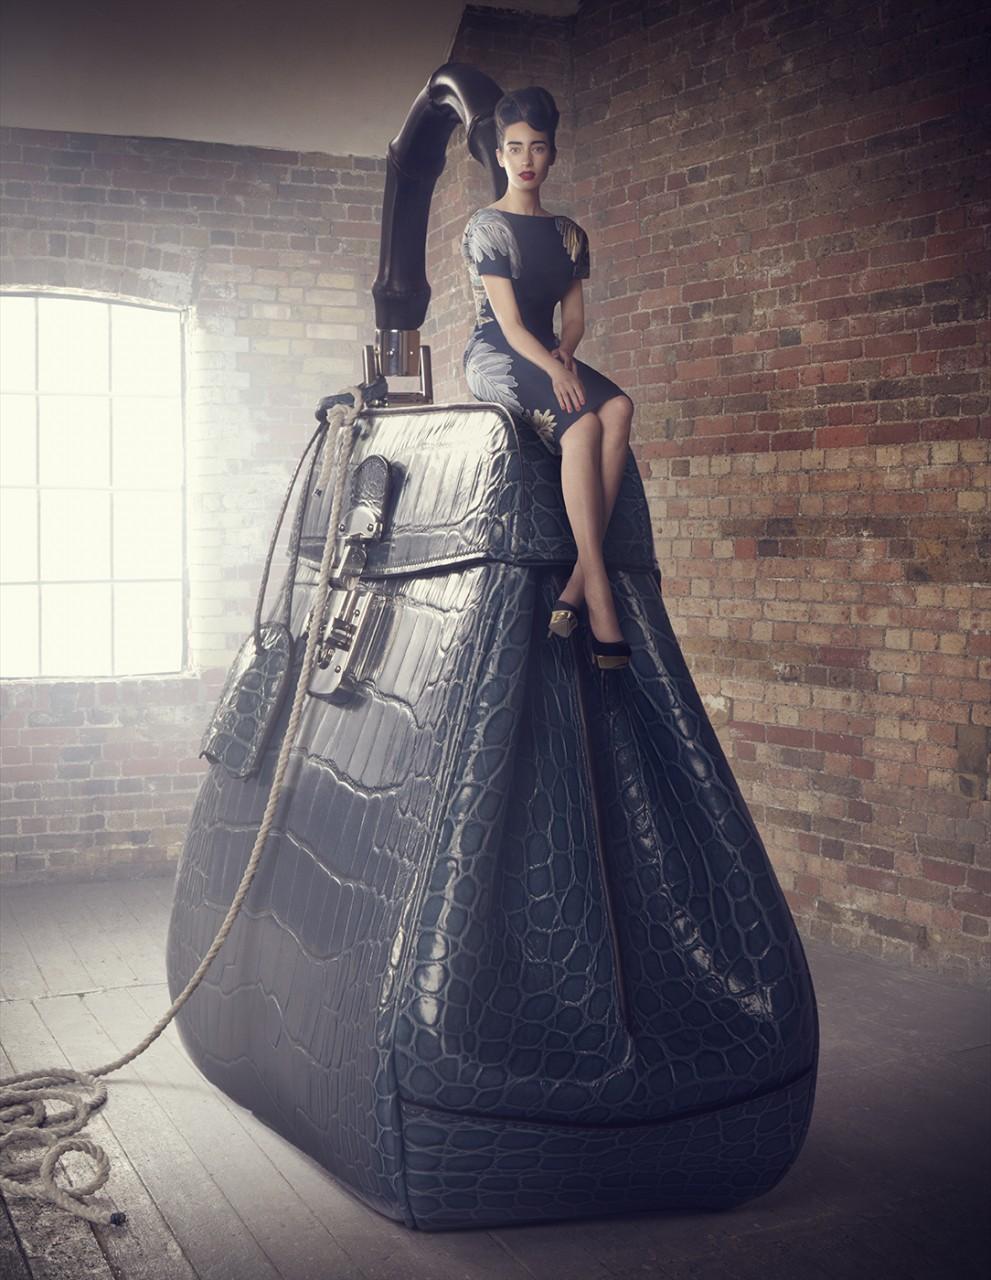 Креативный взгляд на модные сумки